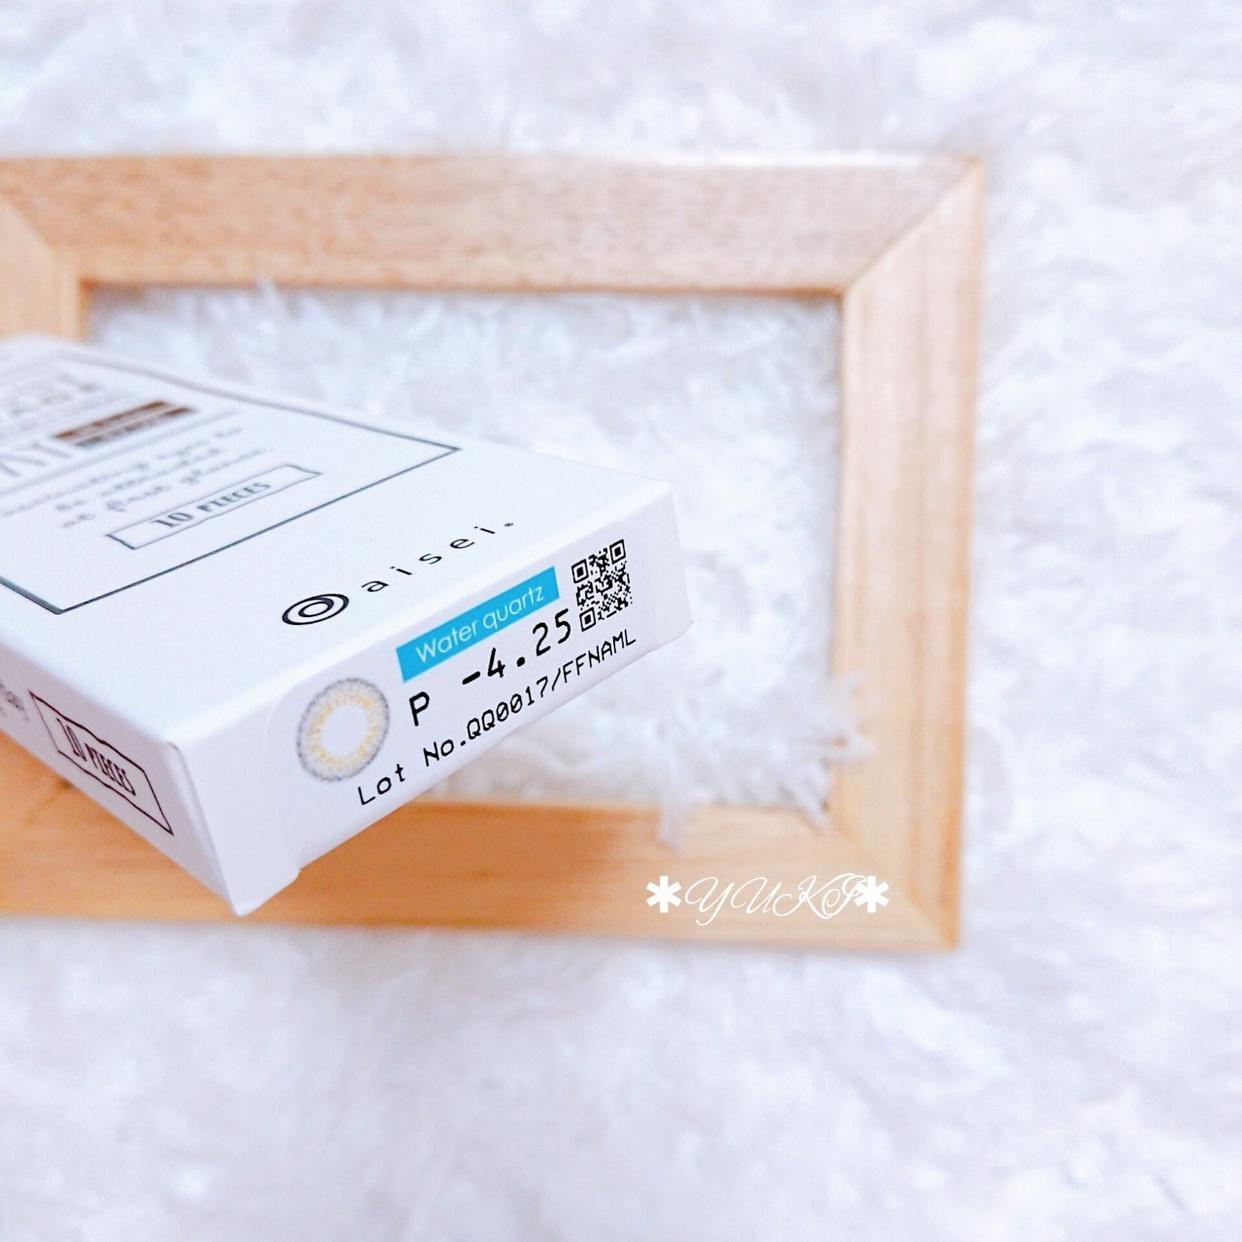 evercolor(エバーカラー) エバーカラーを使ったYUKIさんのクチコミ画像2